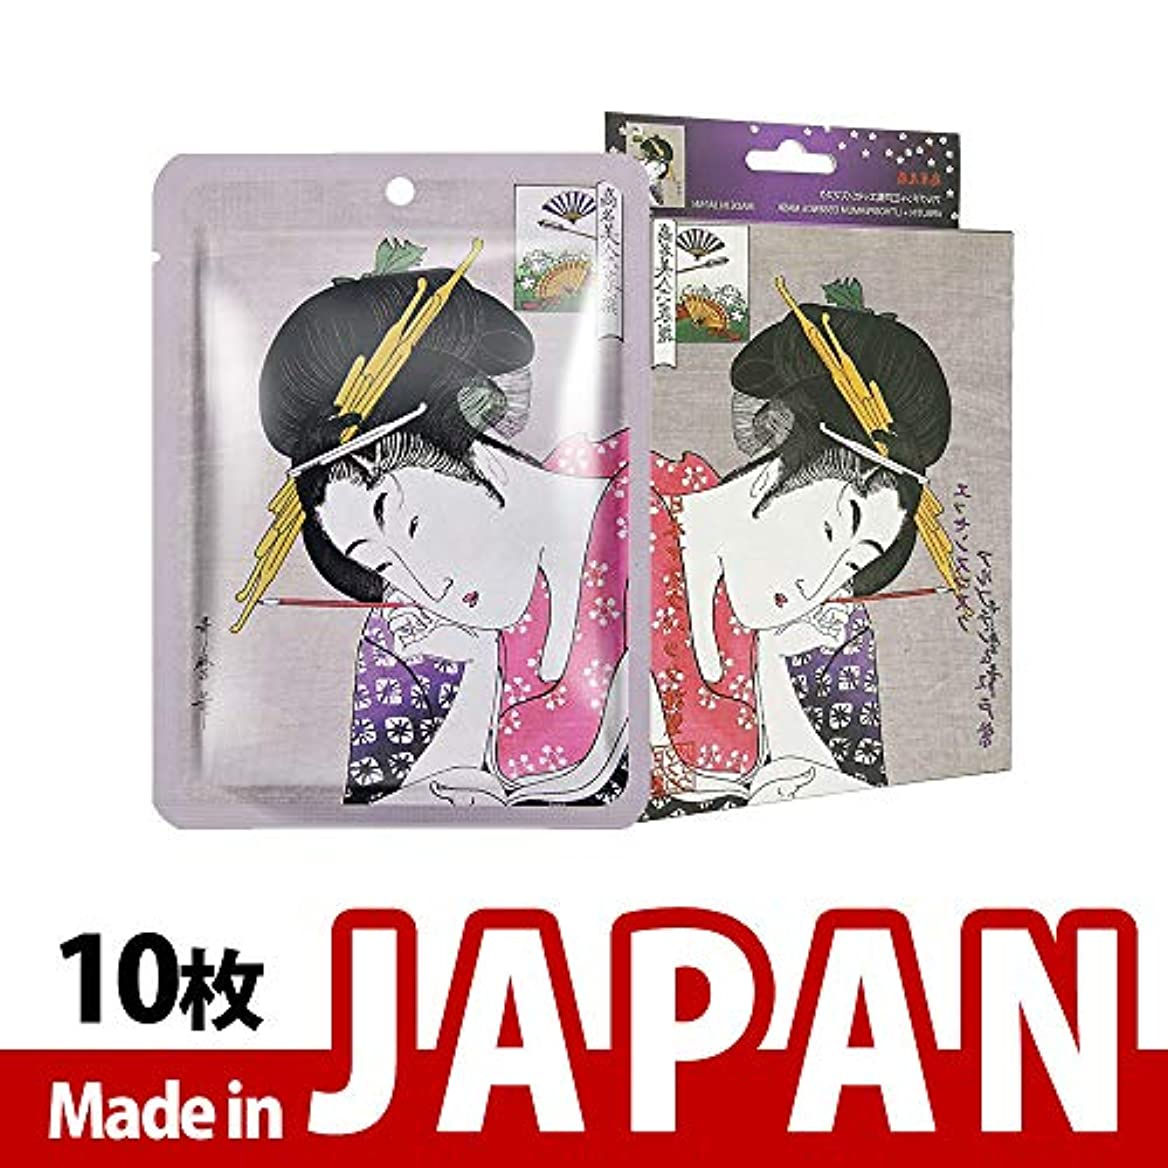 月後ろに飾るMITOMO【JP002-A-0】日本製アルブチン+紫根ホワイトニング シートマスク/10枚入り/10枚/美容液/マスクパック/送料無料